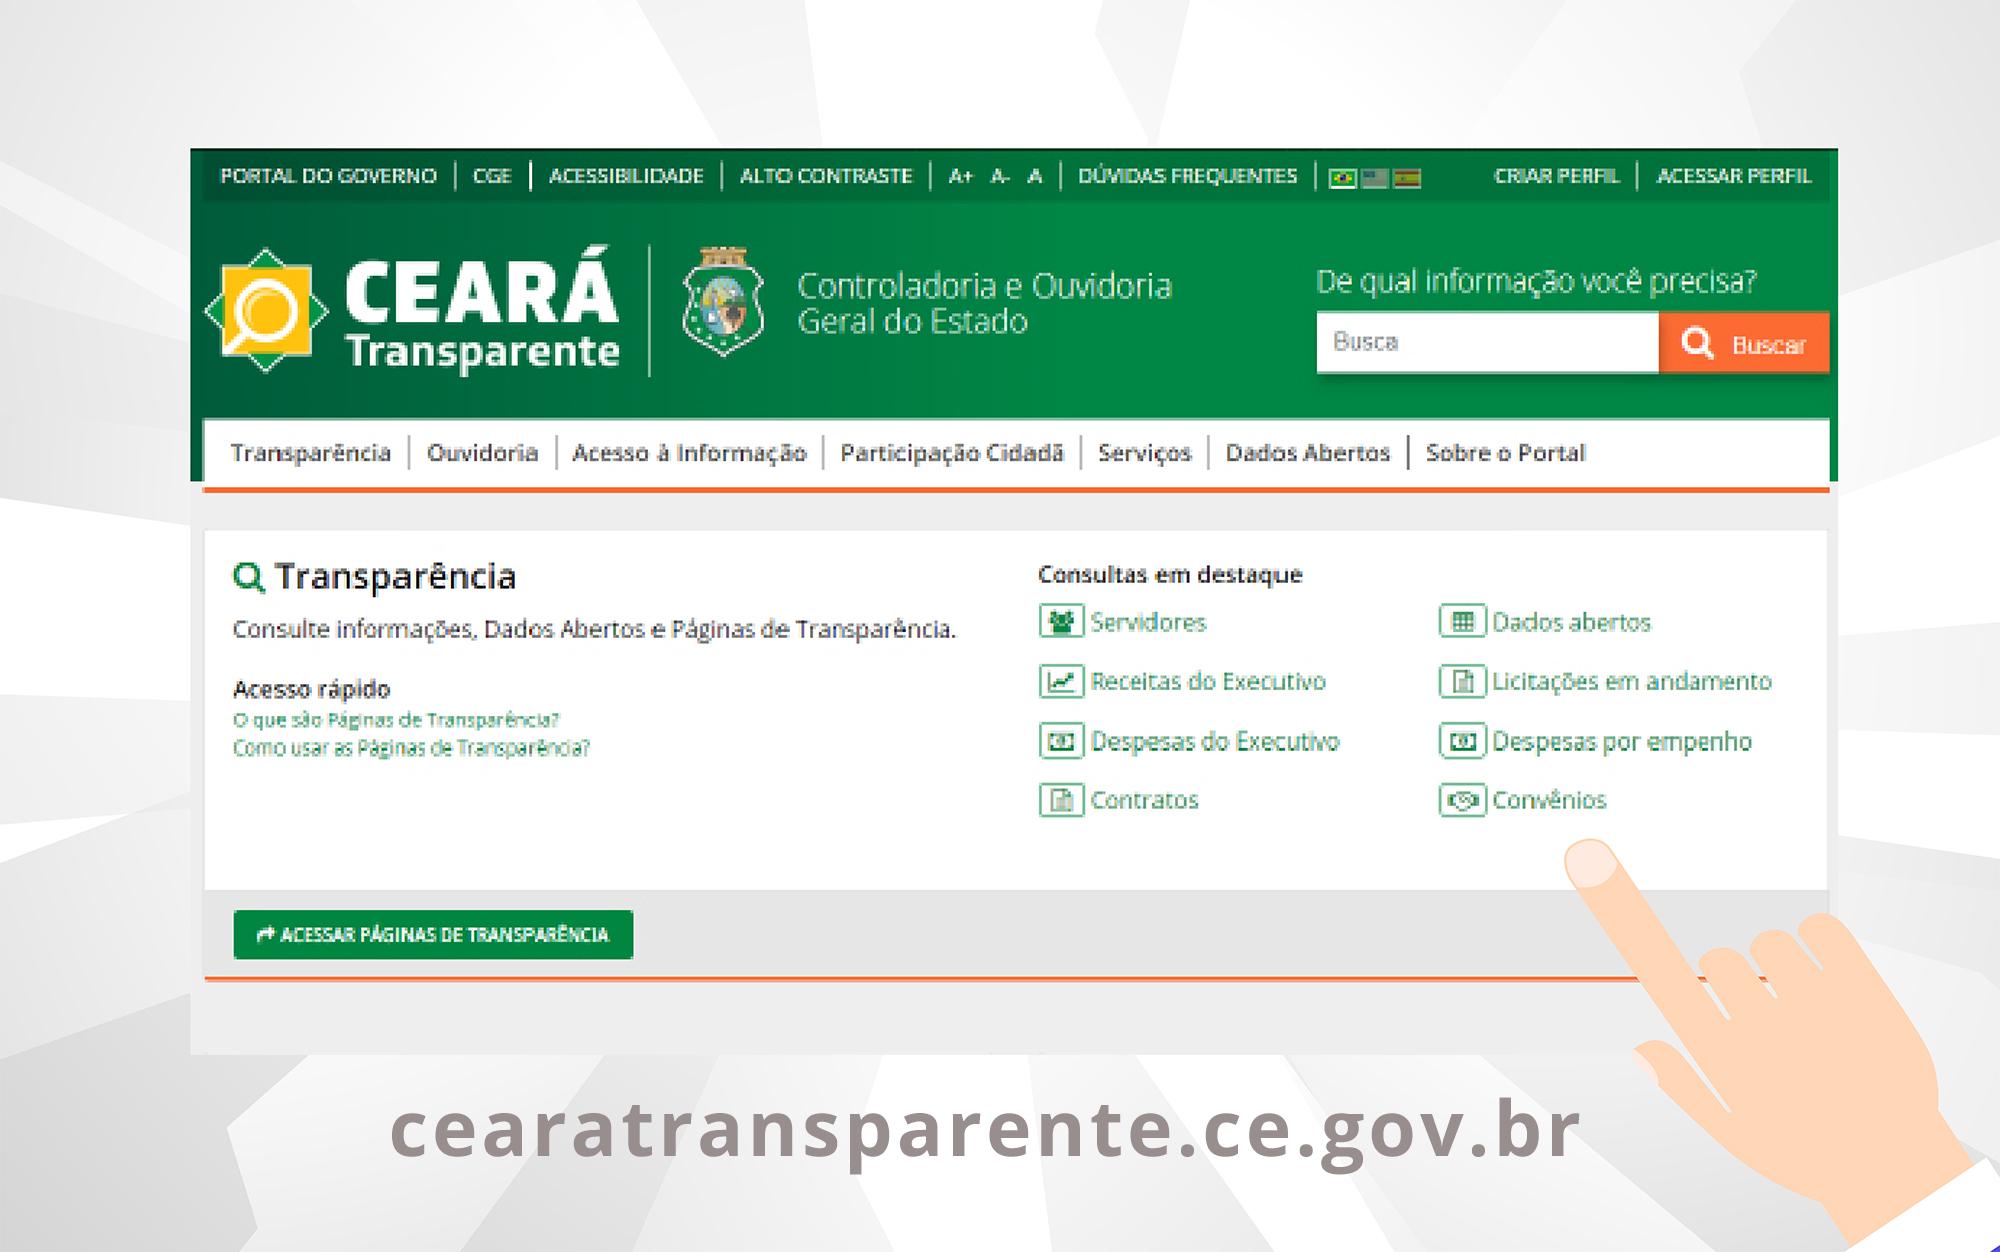 Ceará Transparente registra mais de 75 mil acessos durante o mês de outubro